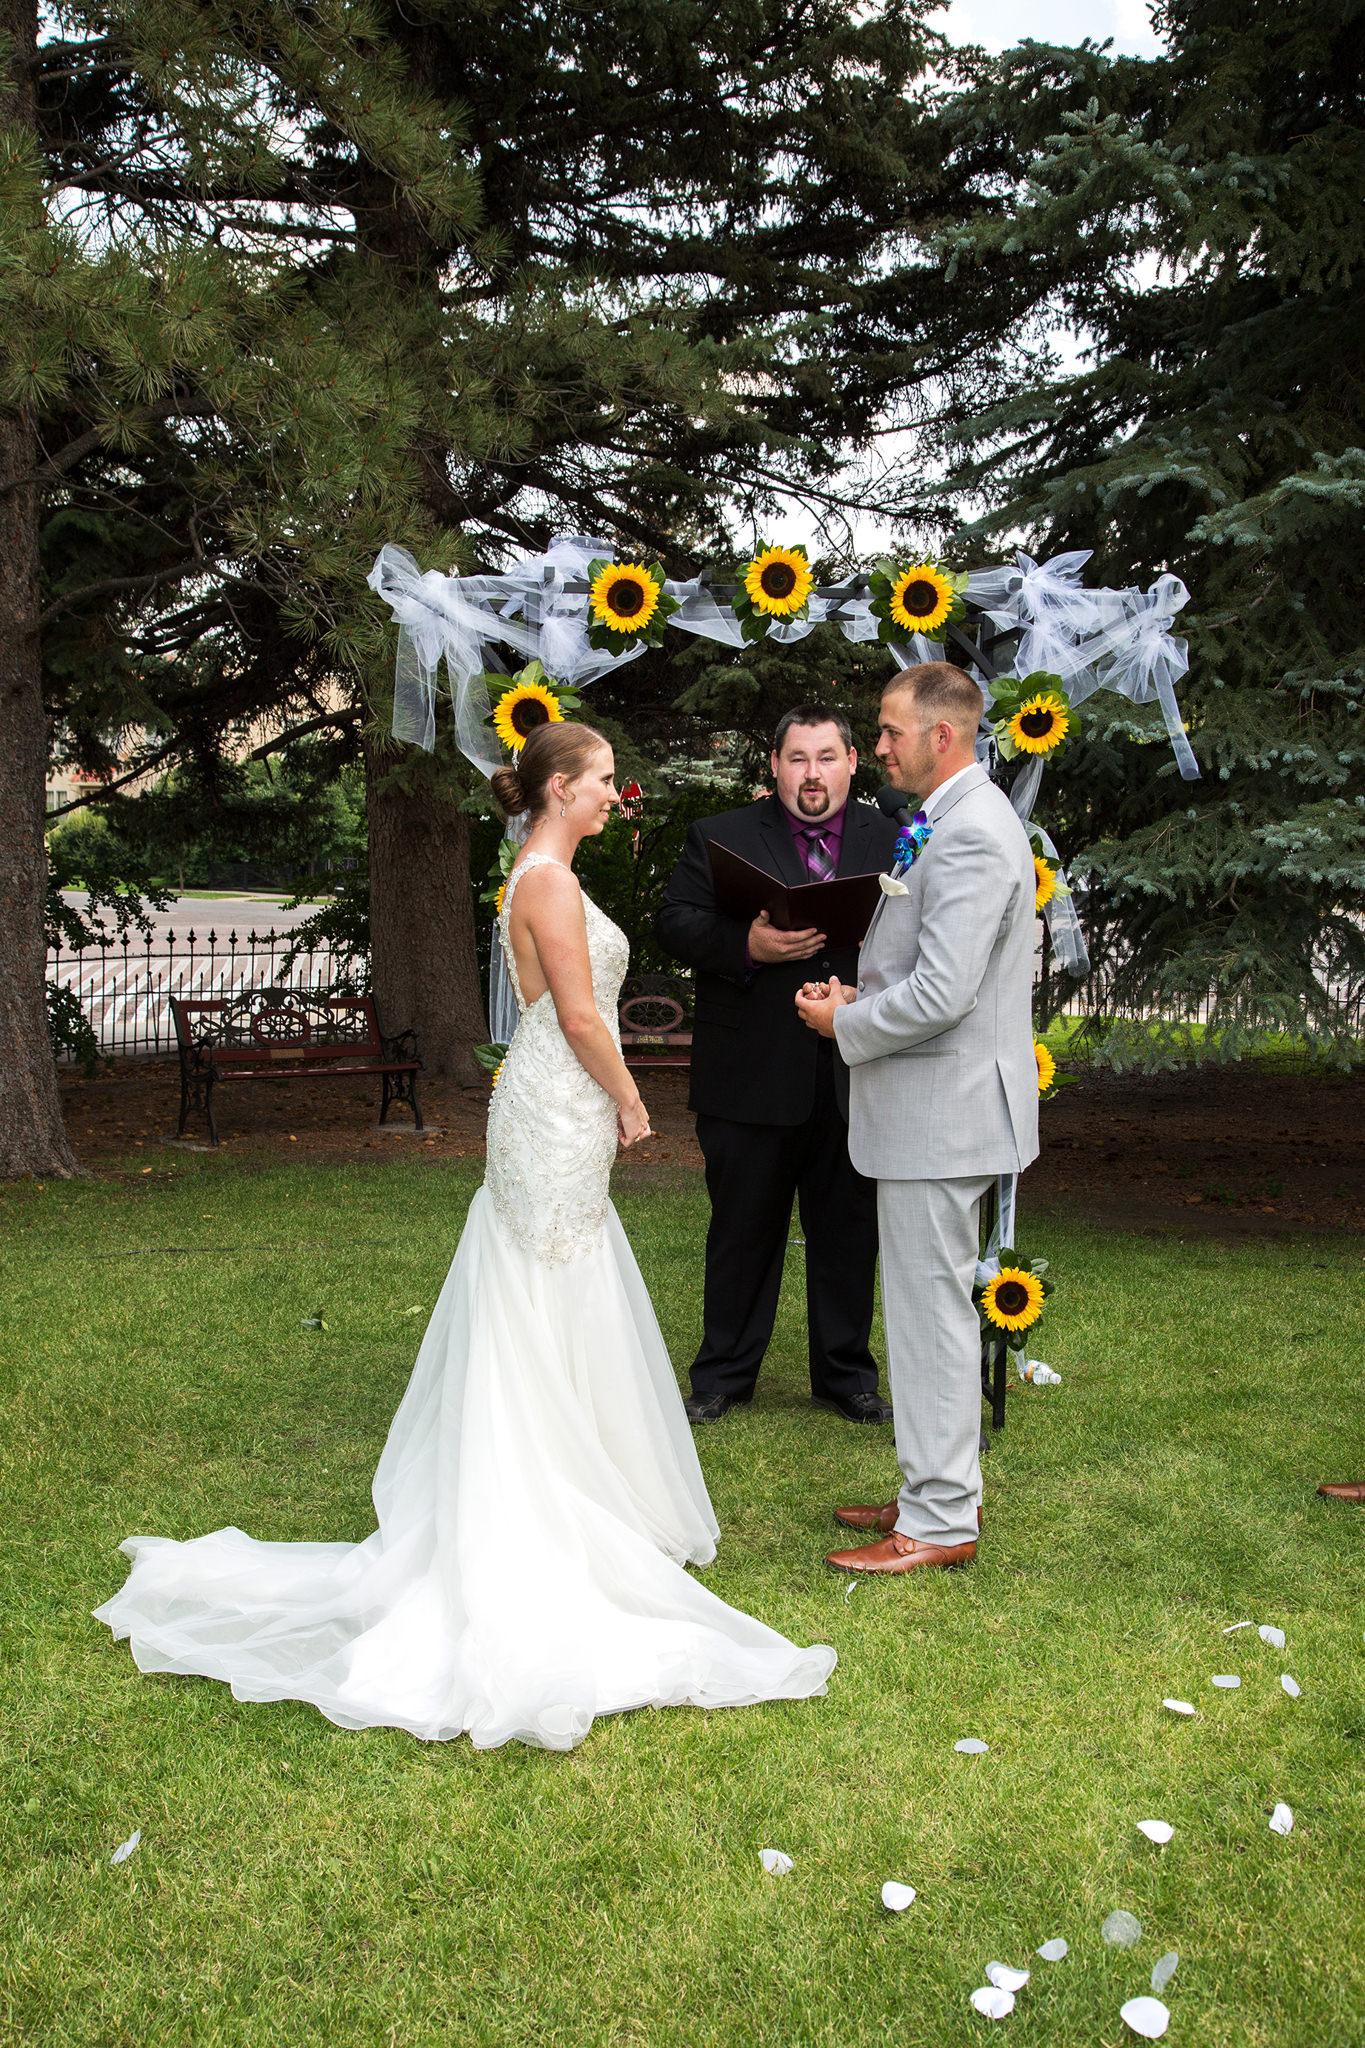 marchese_wedding_446 copy